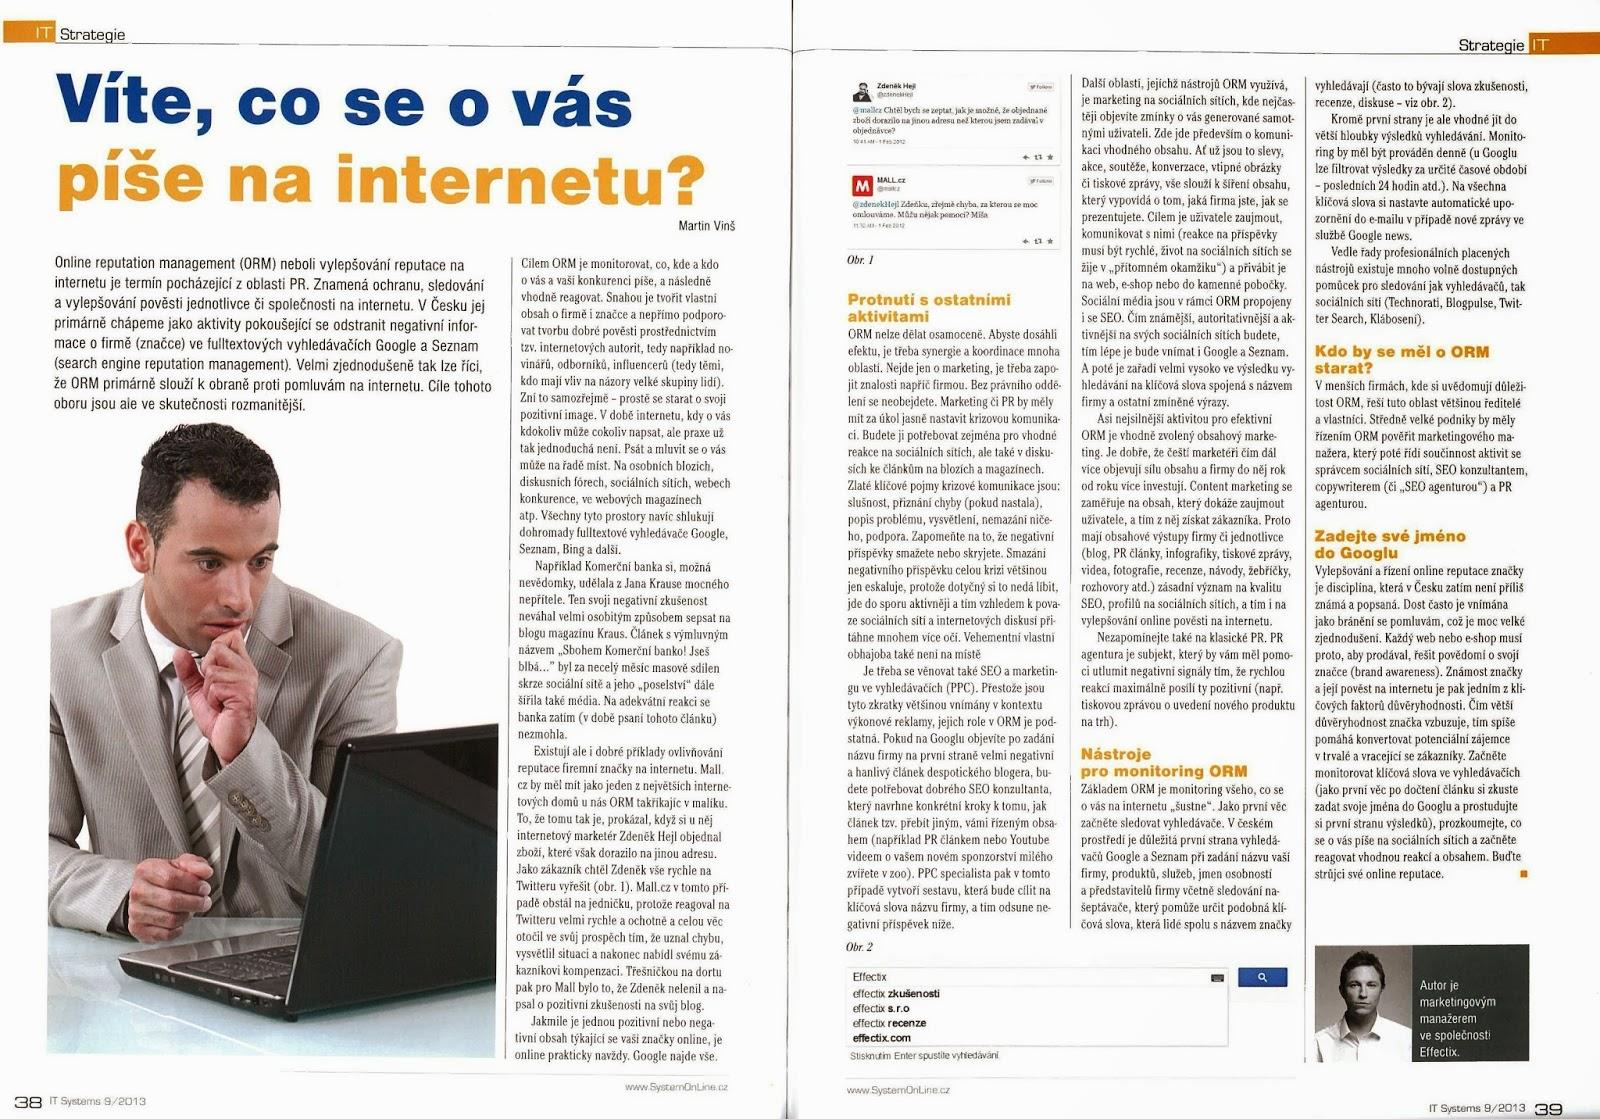 Screenshot článku o ORM v časopisu IT systems (9/13), který jsem sepsal.